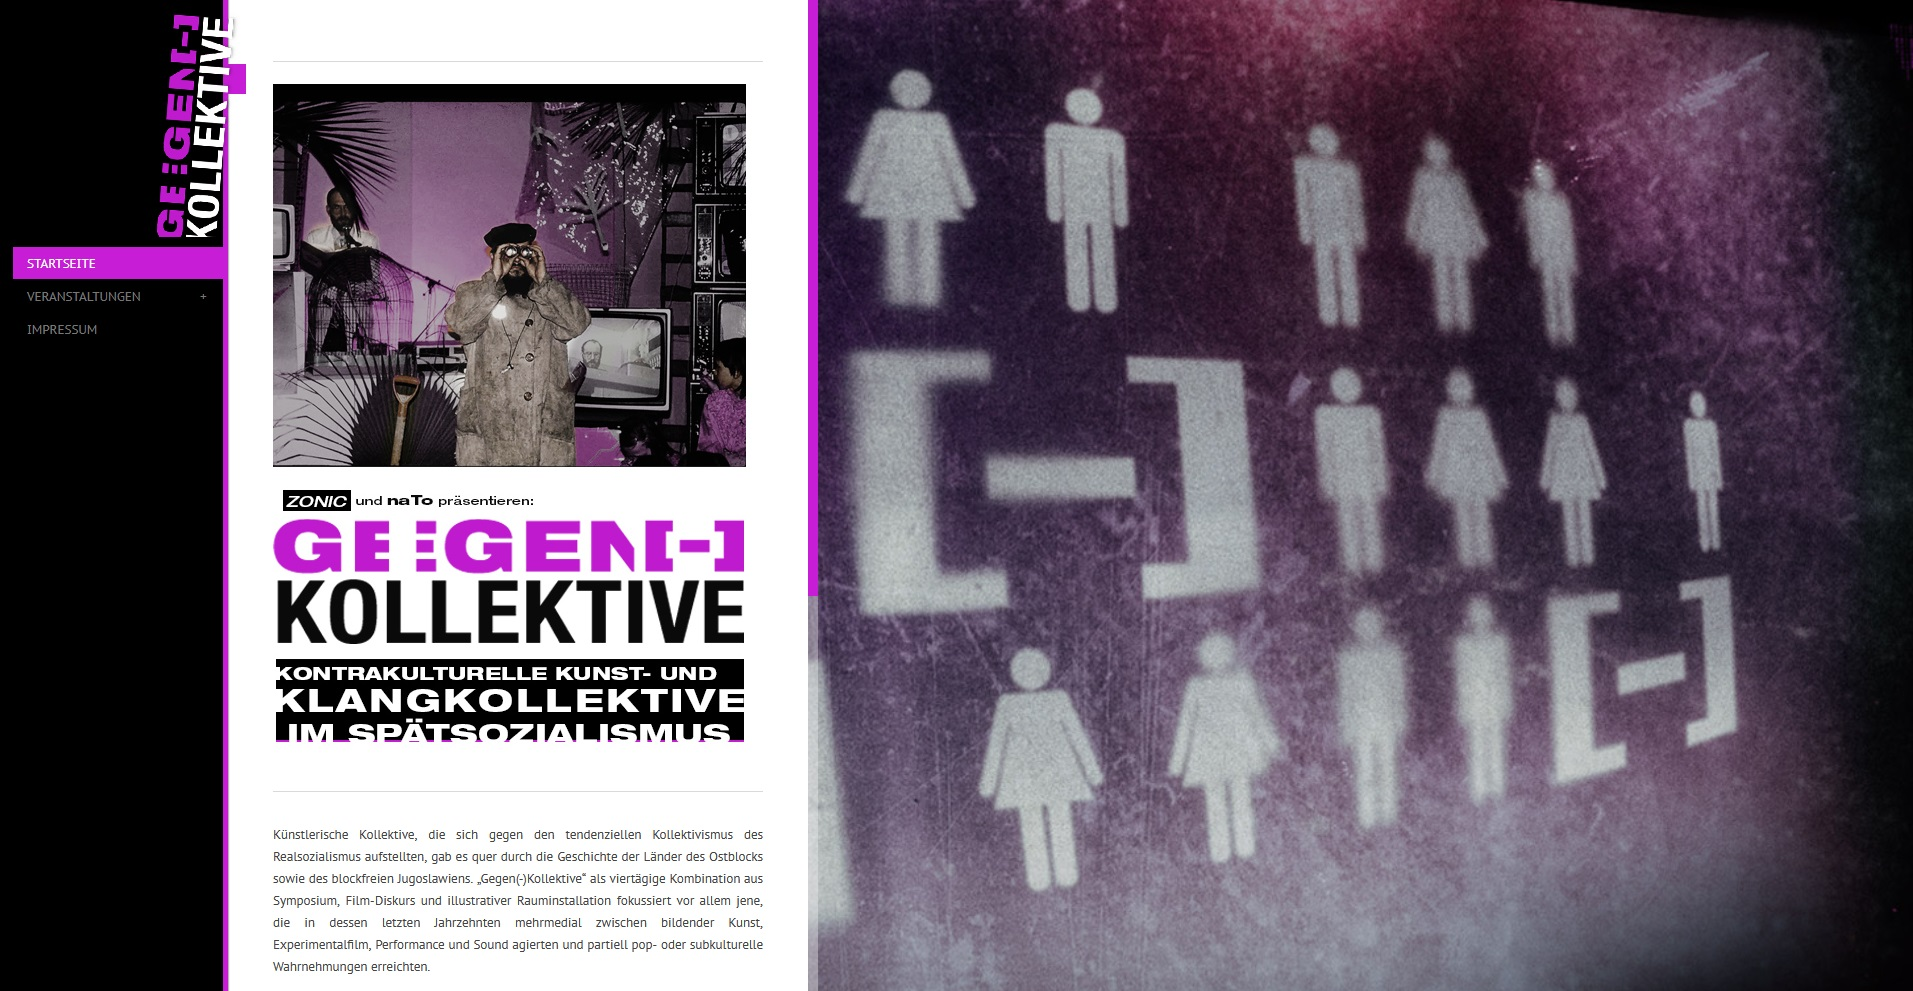 Vorschau auf die Startseite der Homepage von Gegen(-)Kollektive. Durch Klicken erfolgt eine Weiterleitung auf die Homepage.